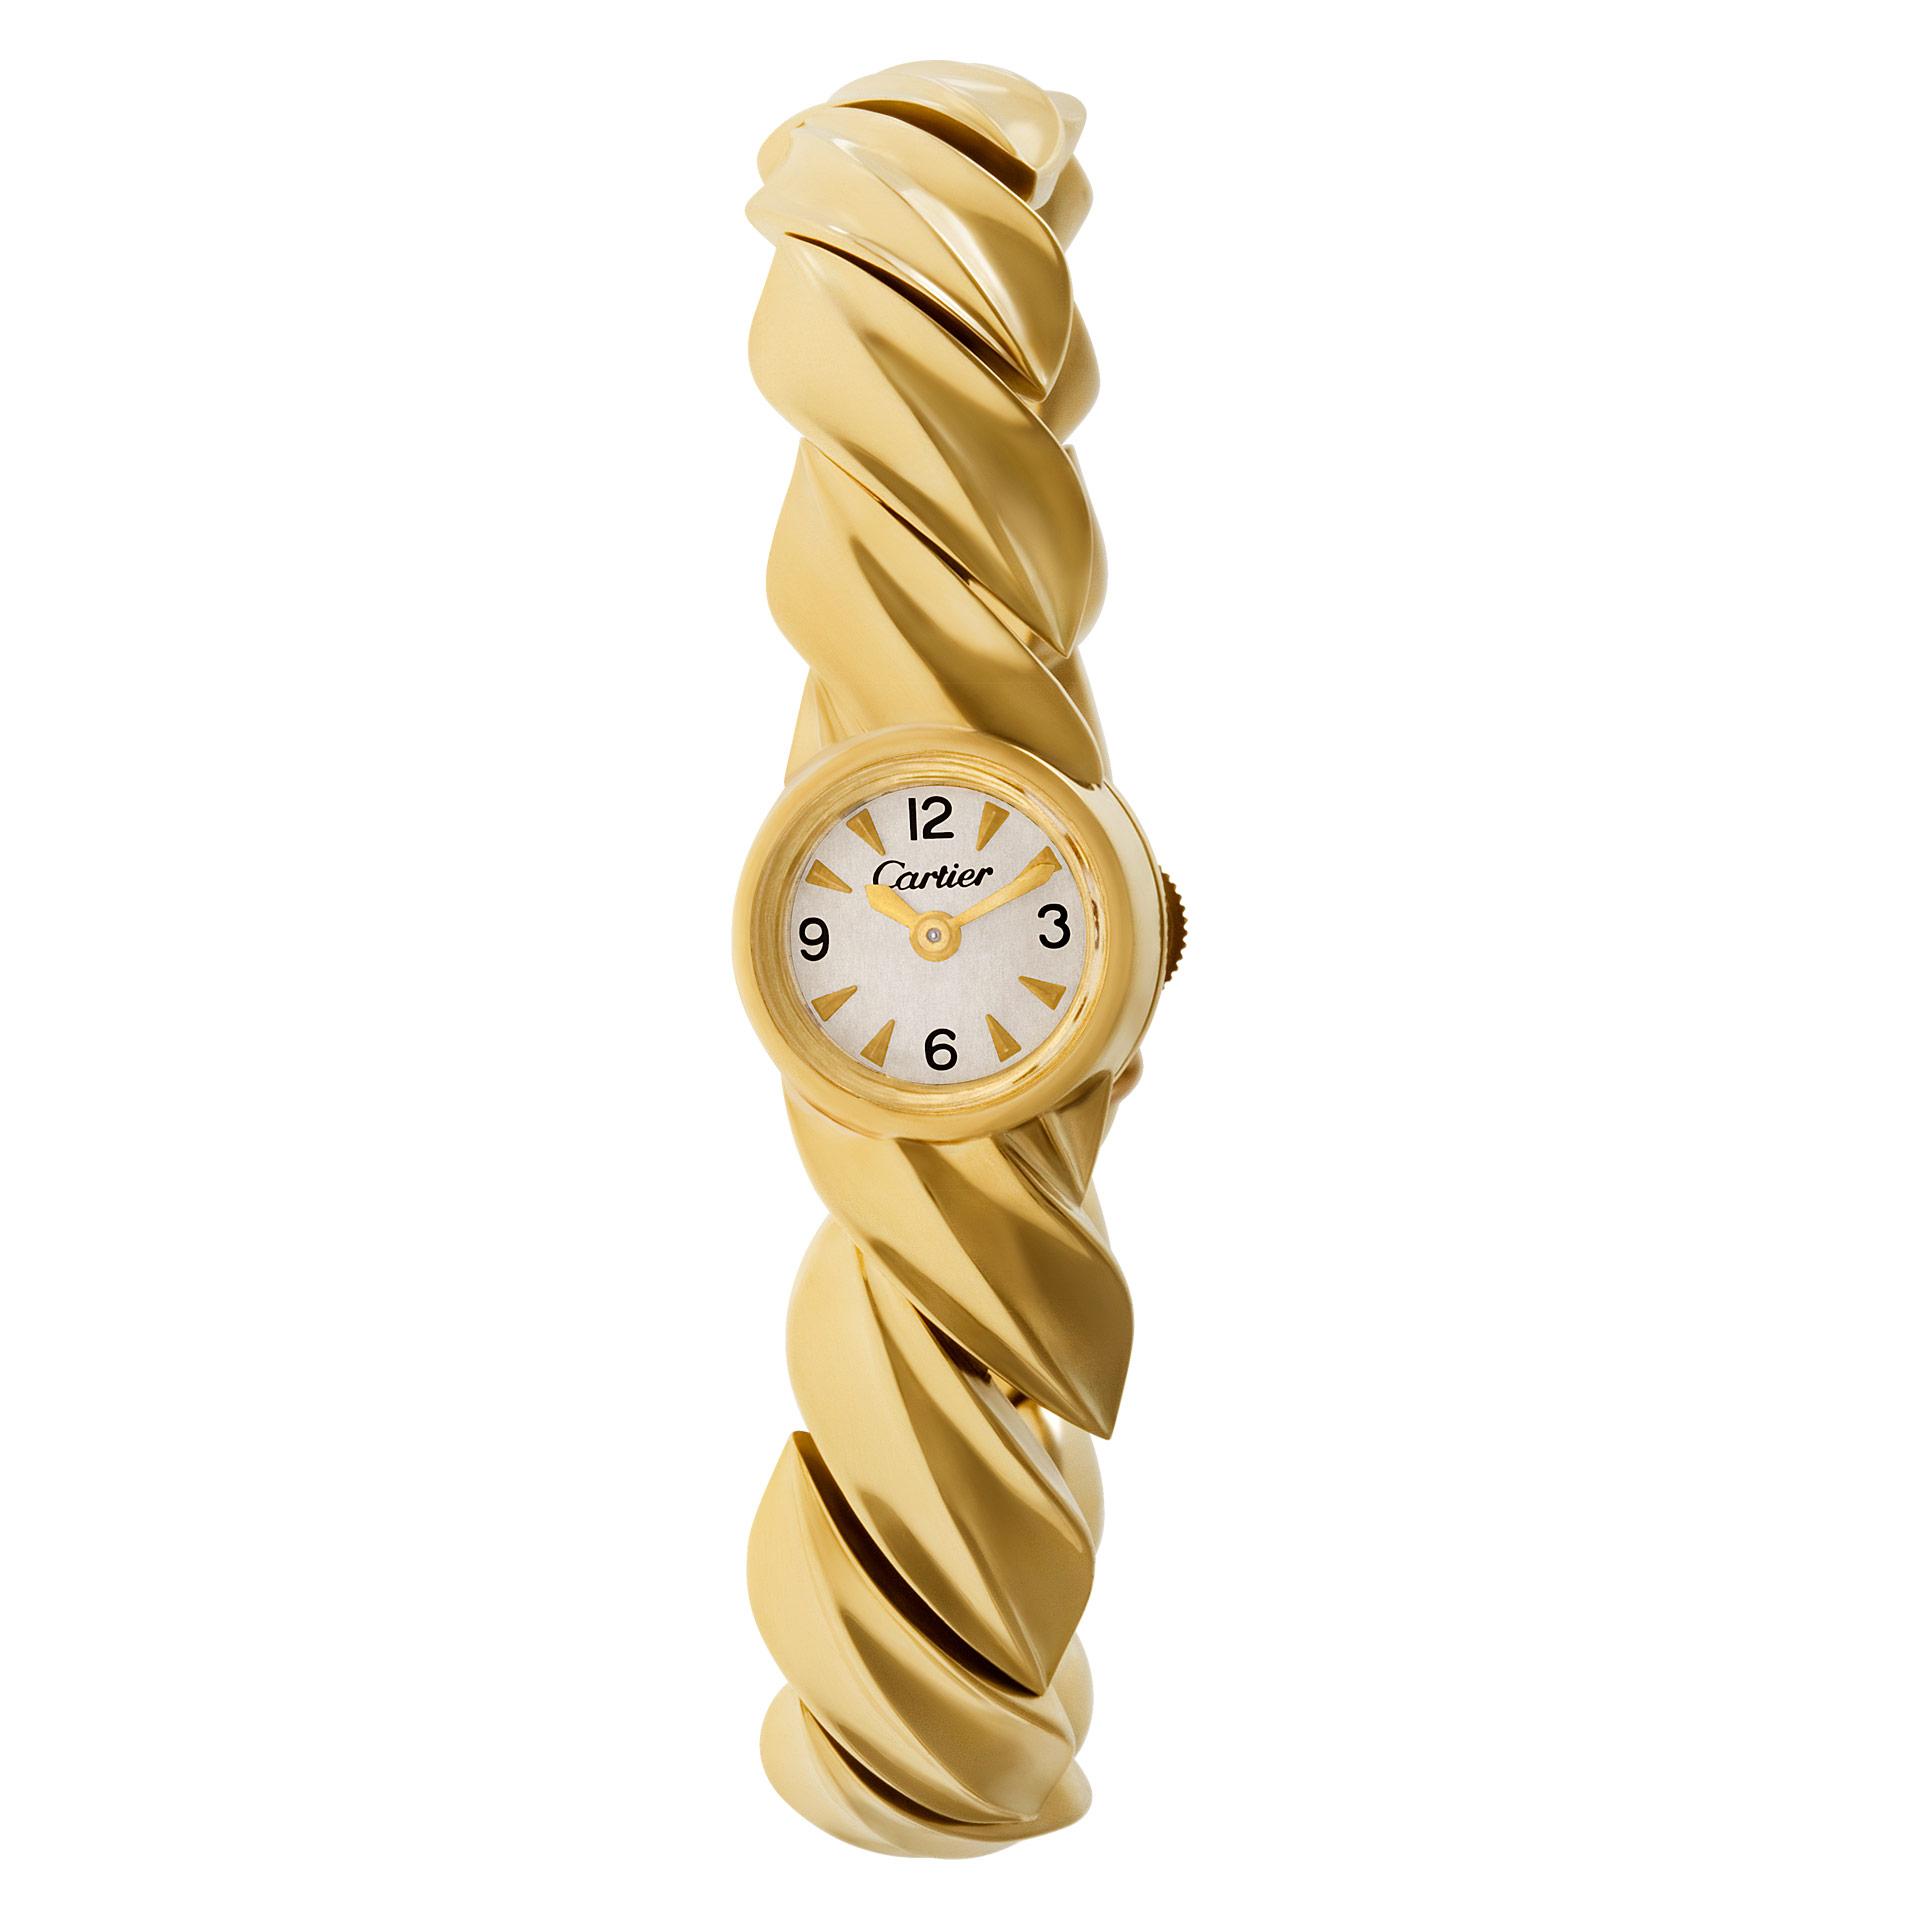 8310d7a6411 Detalhes sobre Vintage Cartier Classic bracelet watch in 18k Yg